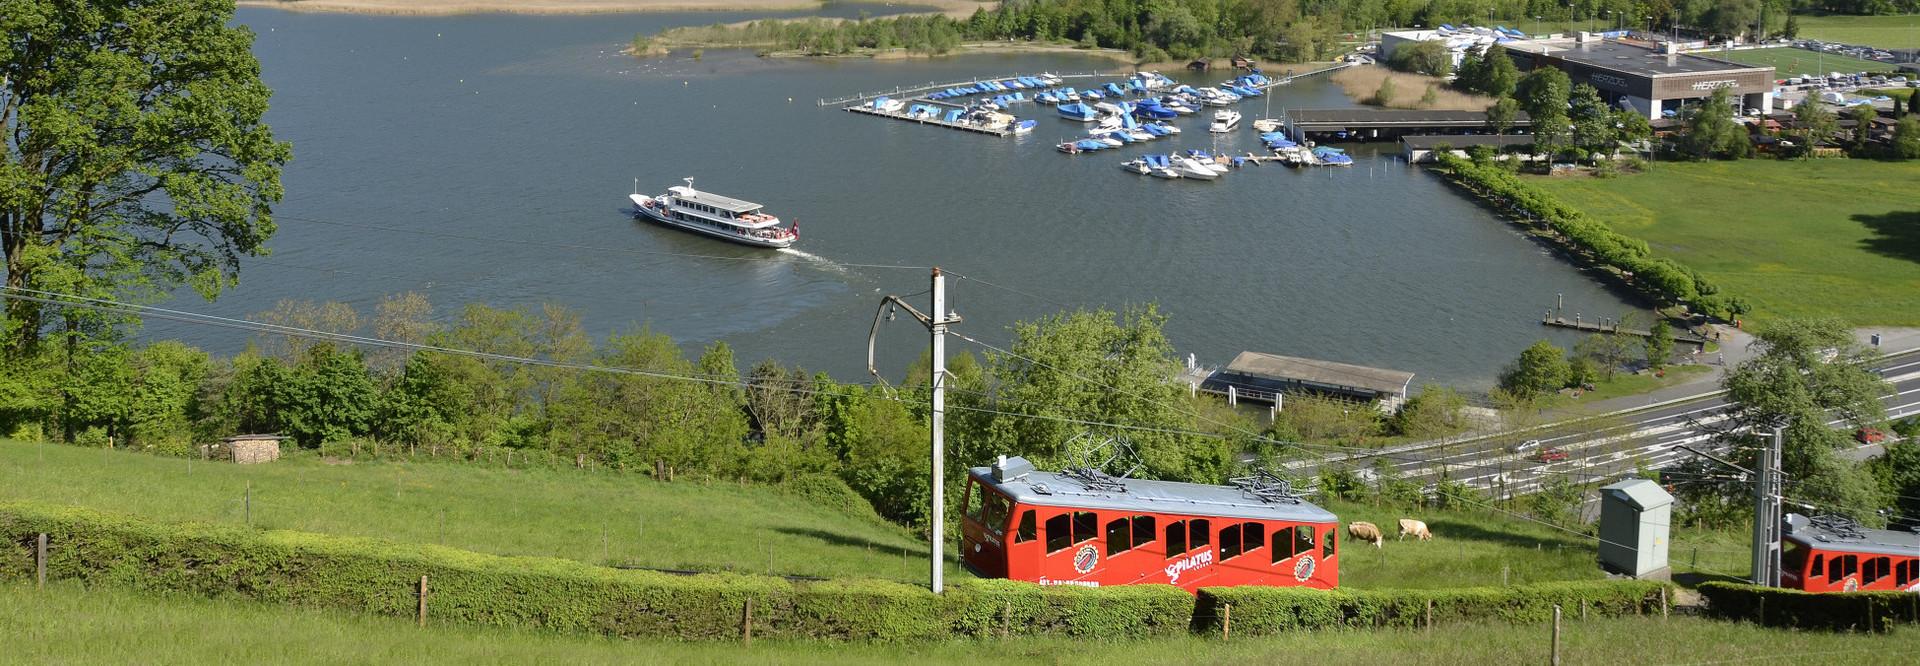 Rote Standseilbahn vom Pilatus, welche von Alpnachstad losfährt. Im Hintegrund der Vierwaldstättersee mit einem Schiff und dem Stanserhorn.